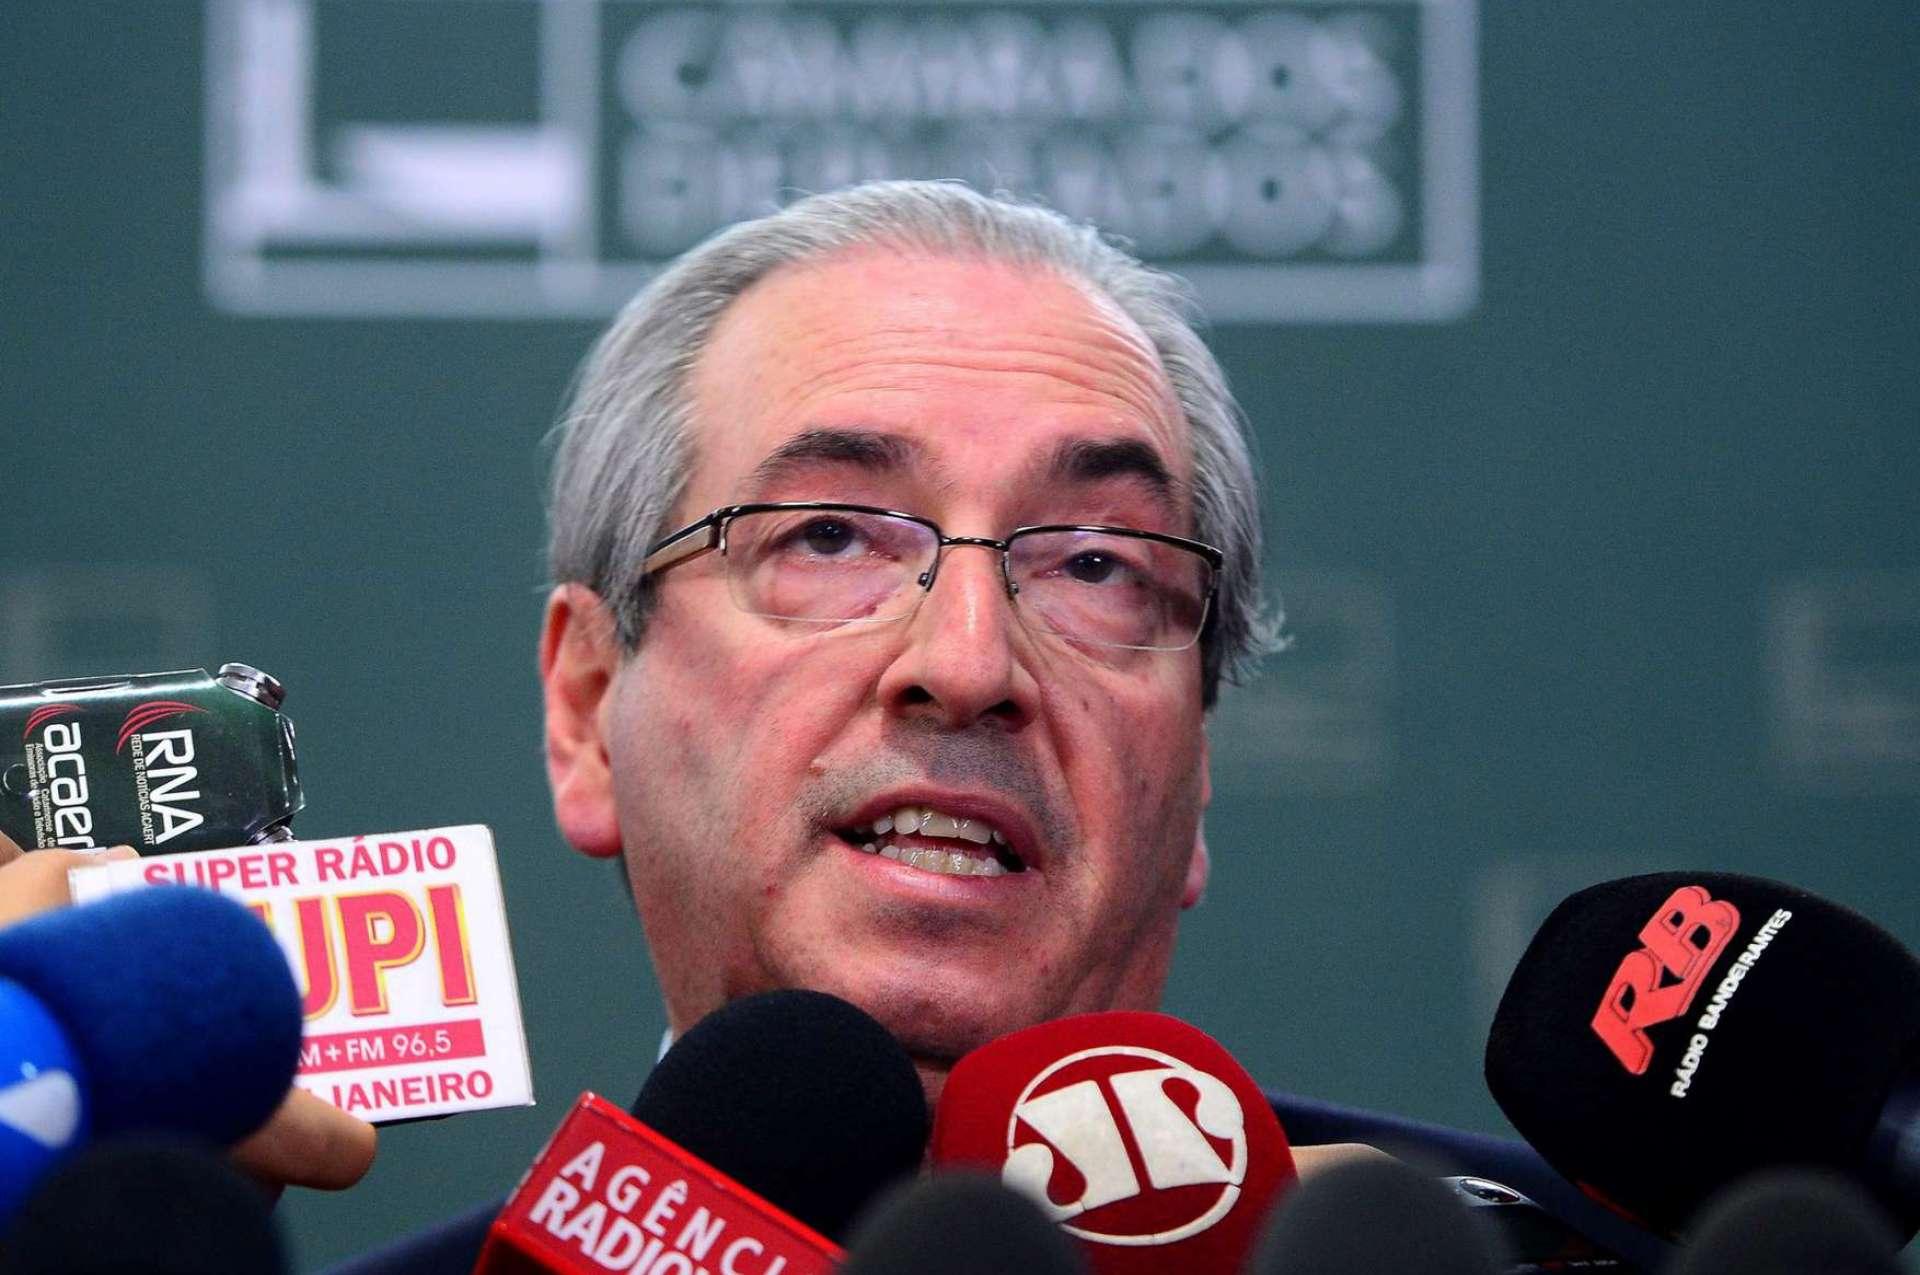 Cunha pede ao STF que suspenda processo contra ele no Conselho de Ética